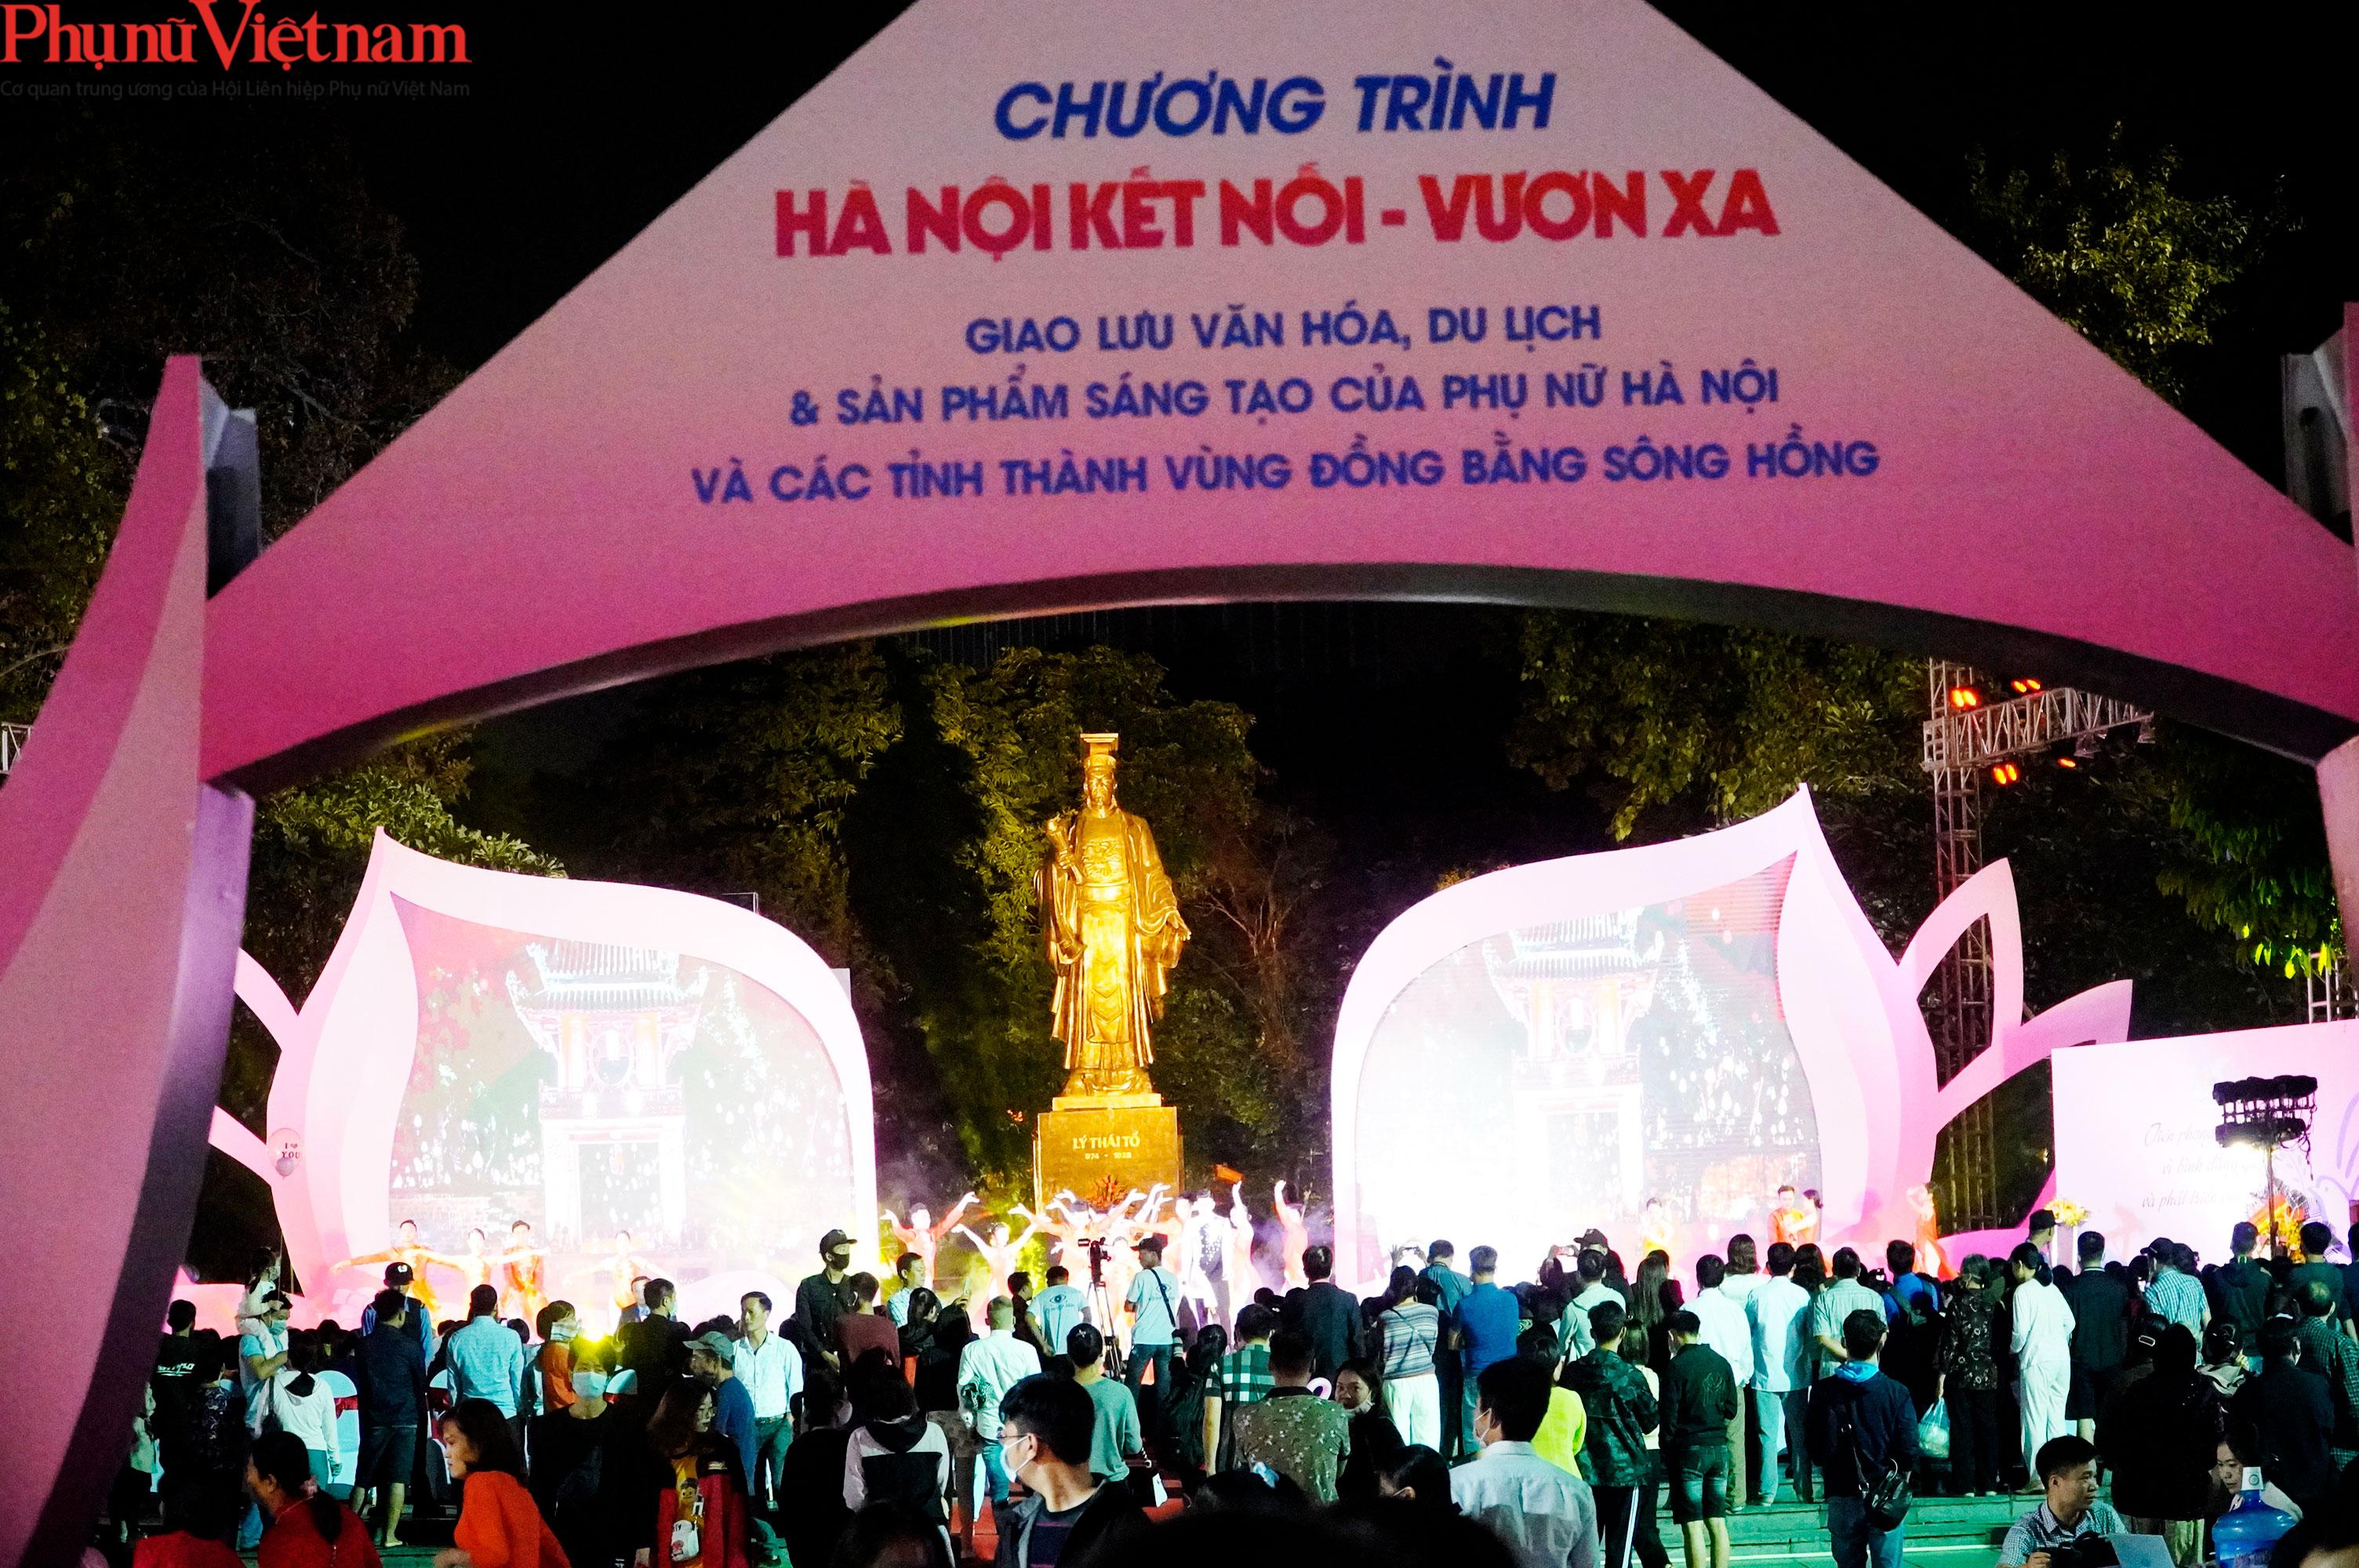 Phụ nữ Hà Nội giao lưu văn hóa, du lịch và sản phẩm sáng tạo với các tỉnh thành thuộc Đồng bằng sông Hồng - Ảnh 5.